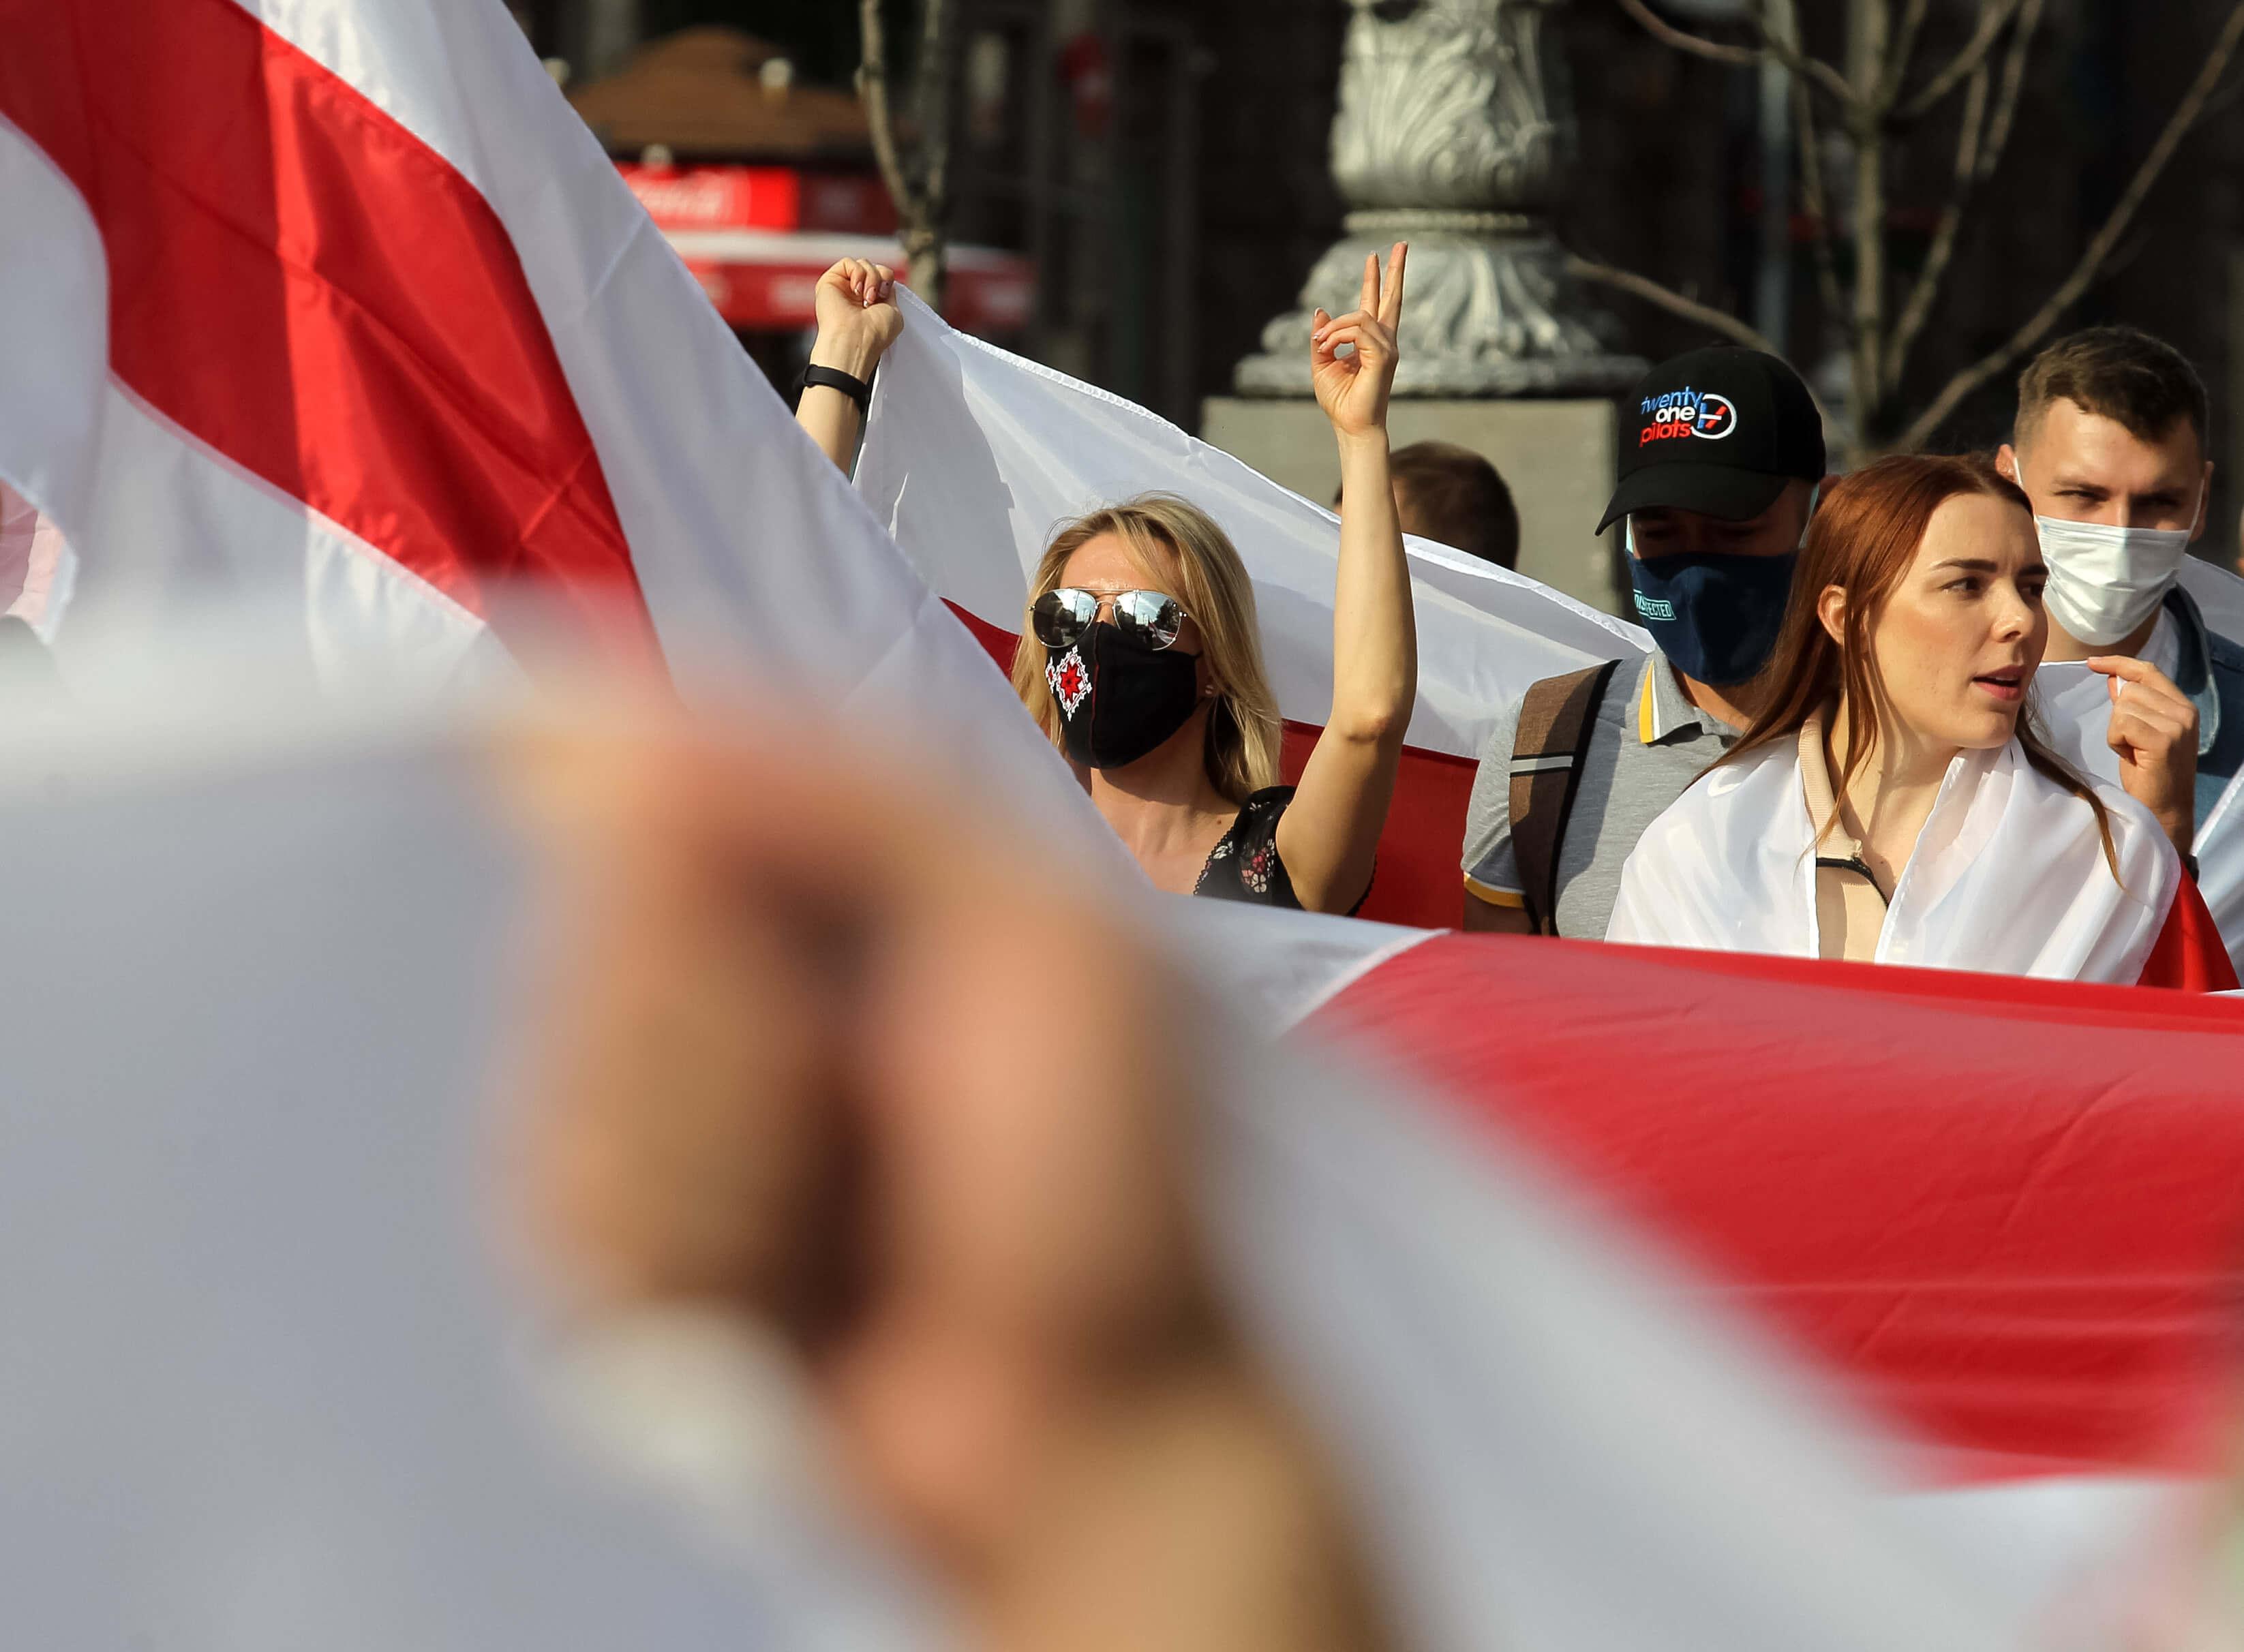 В Беларуси признали редакцию Nexta запрещенной организацией